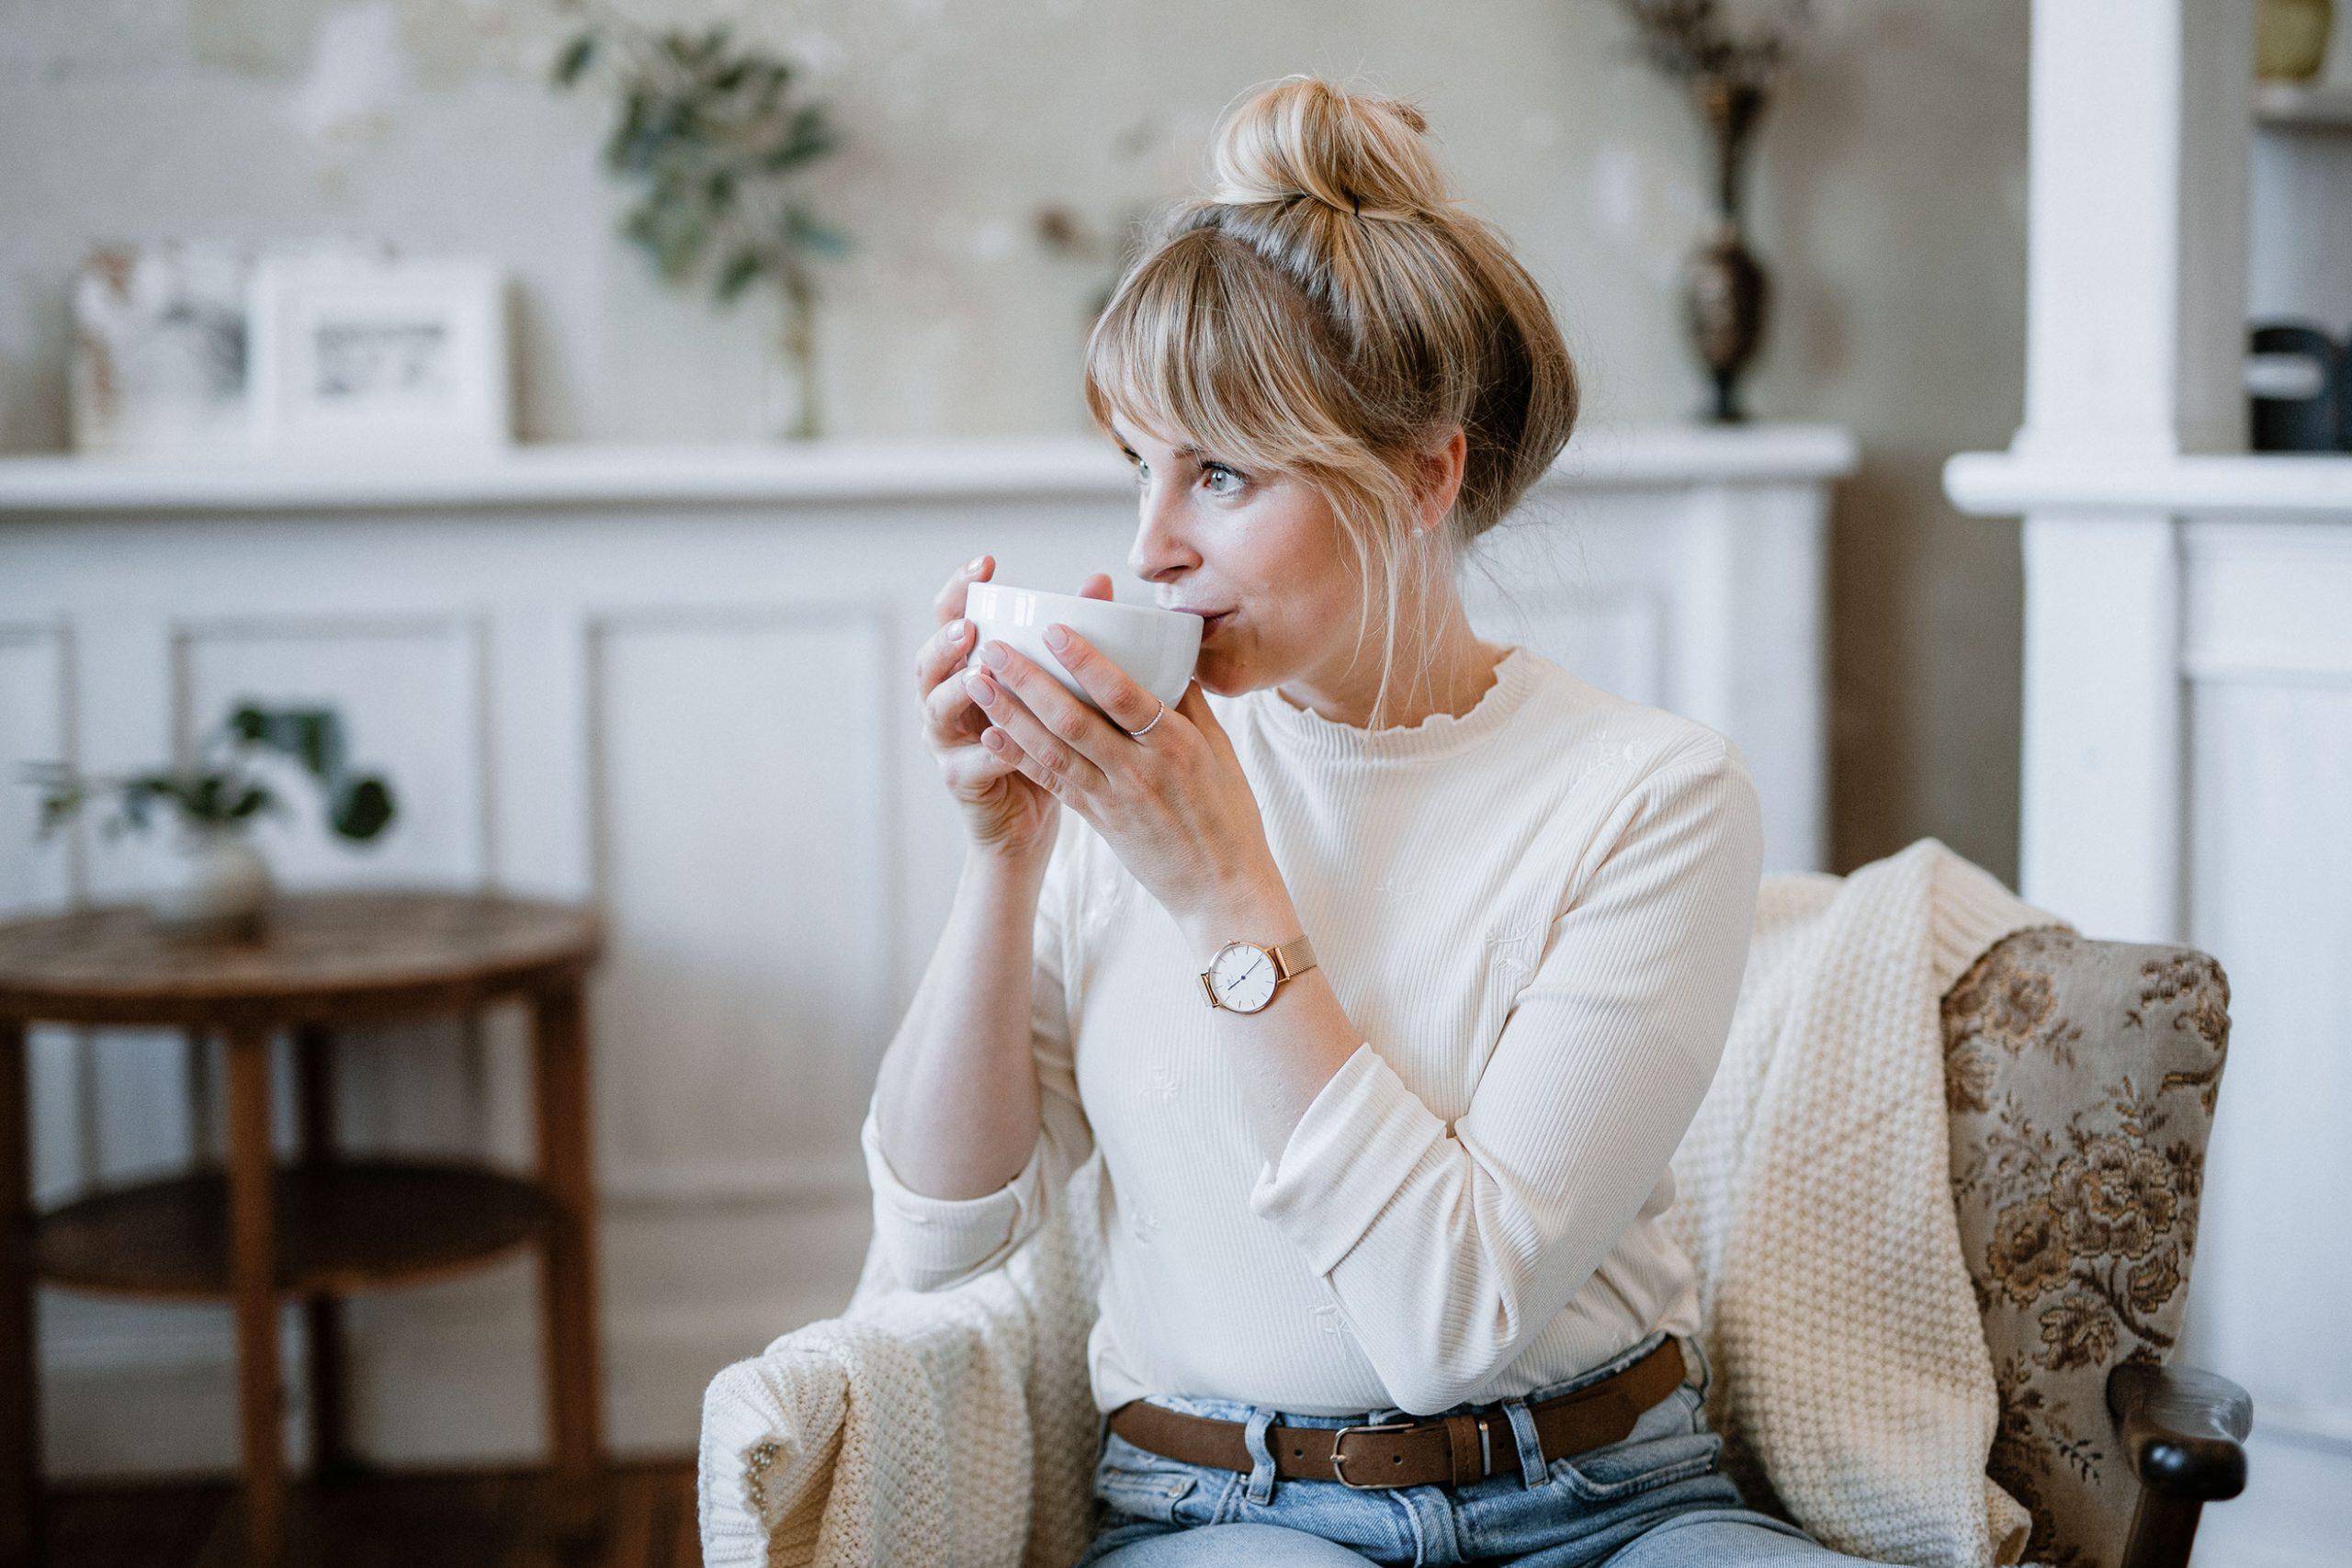 Frau trinkt gemütlich aus einer Tasse